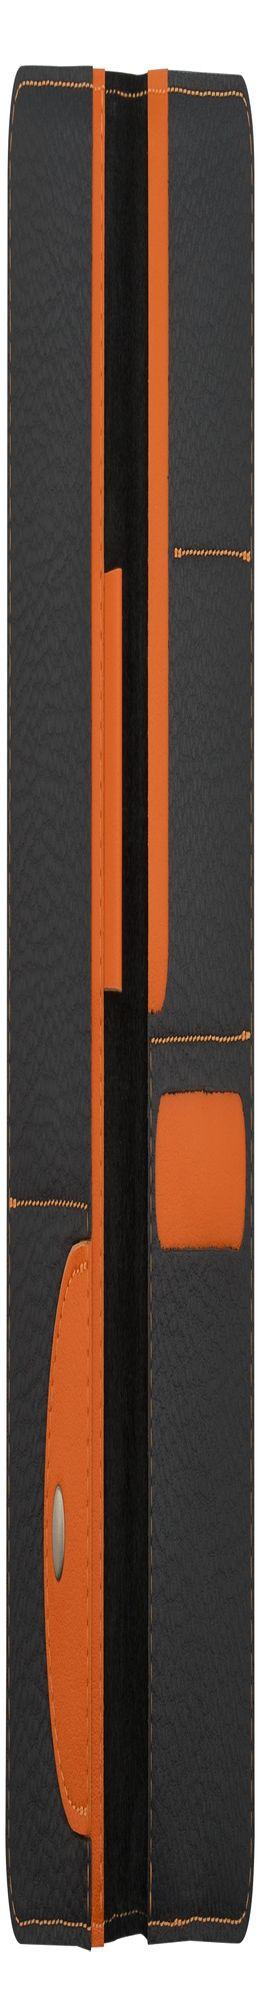 Органайзер для путешествий Hakuna Matata, черный с оранжевым фото